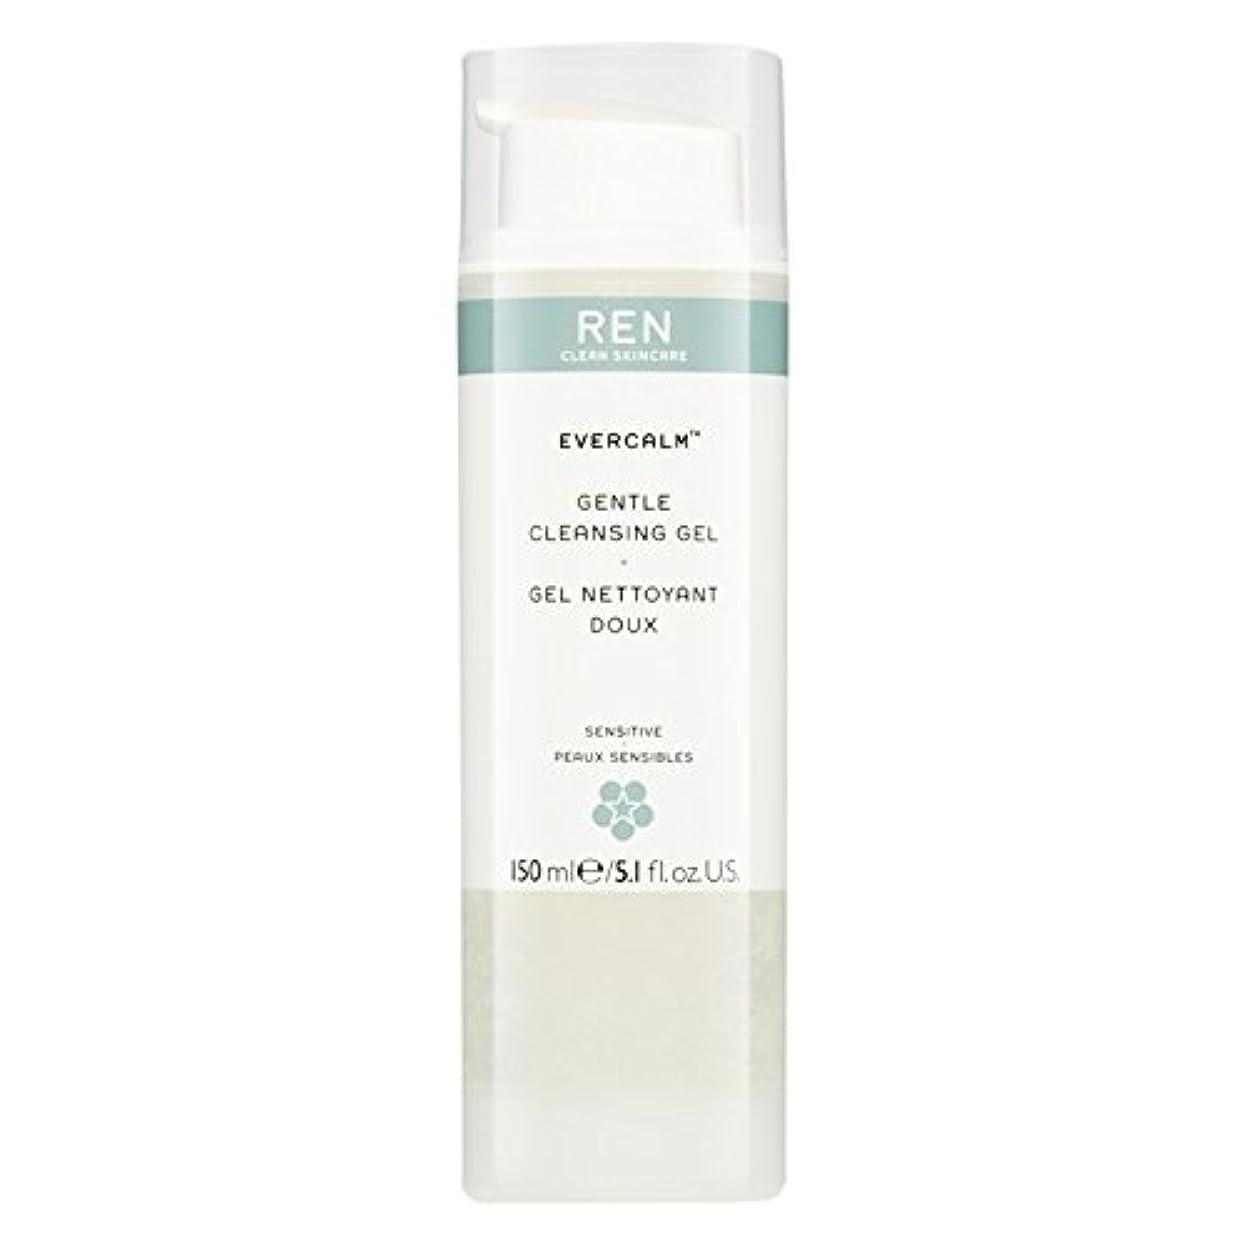 ブラウザマラドロイトRen Evercalm優しいクレンジングジェル、150ミリリットル (REN) (x6) - REN Evercalm Gentle Cleansing Gel, 150ml (Pack of 6) [並行輸入品]